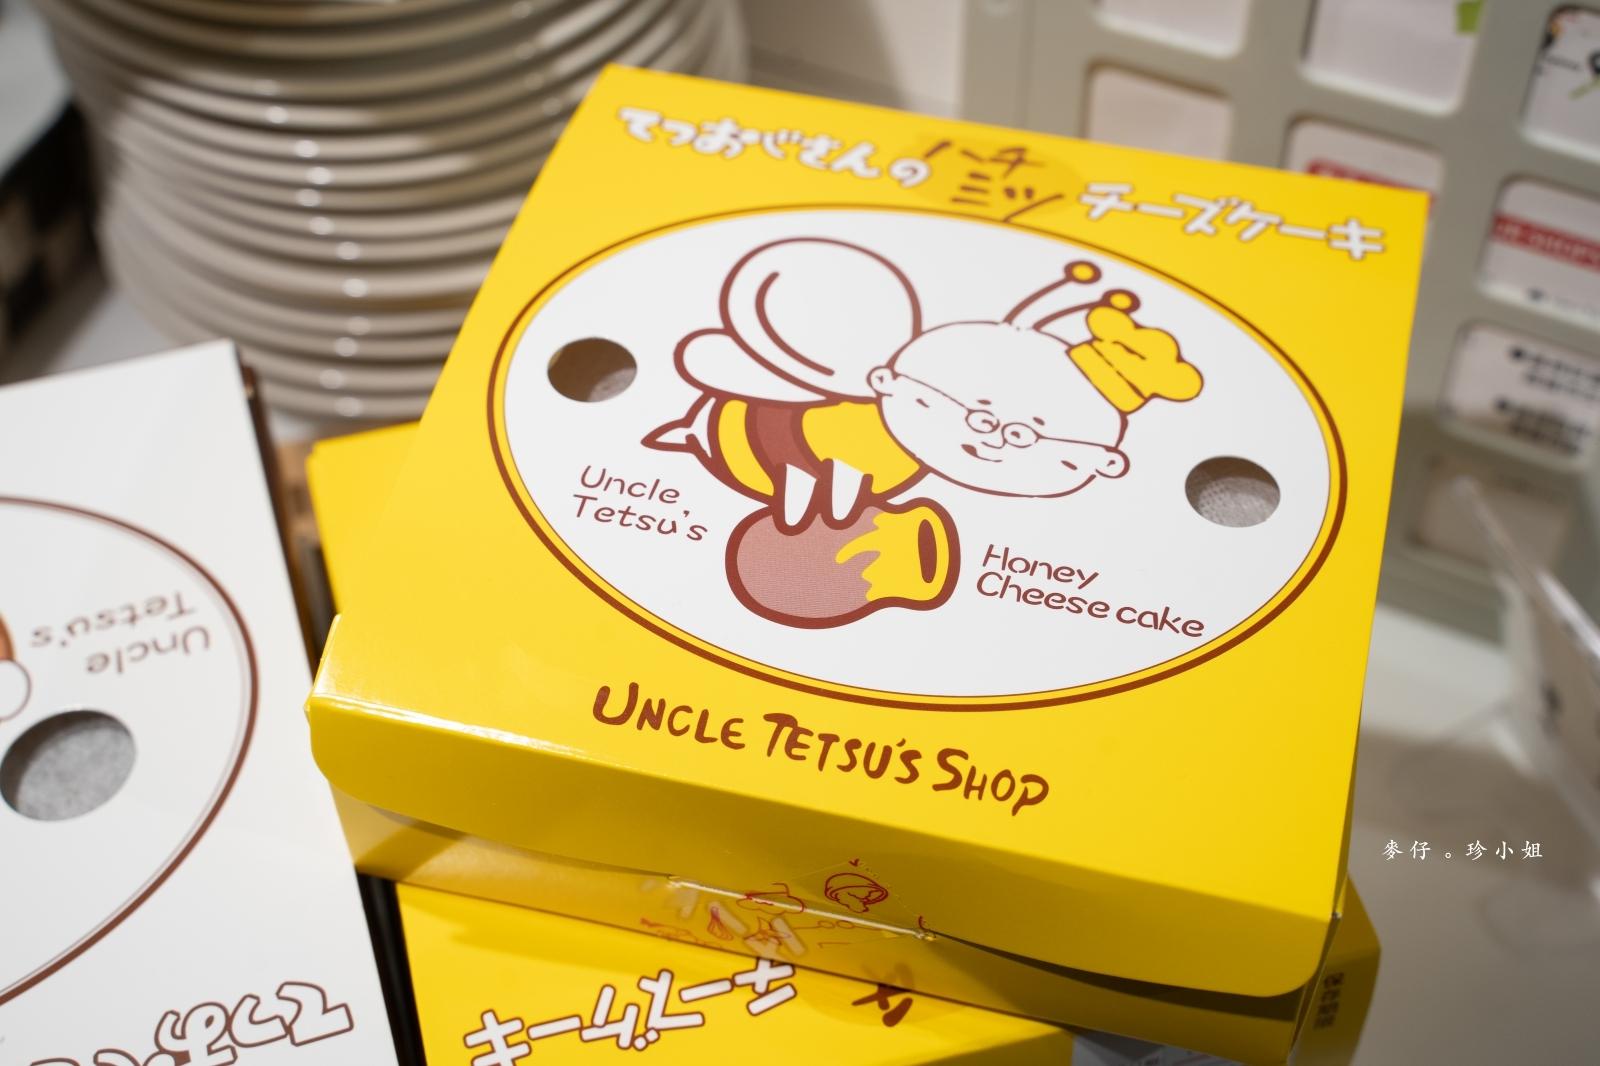 台北甜點吃到飽。徹思叔叔 Uncle Tetsu's 甜點控看過來~來自日本九州的起司蛋糕,整間餐廳時間內隨你吃只要499 捷運中山站甜點吃到飽推薦